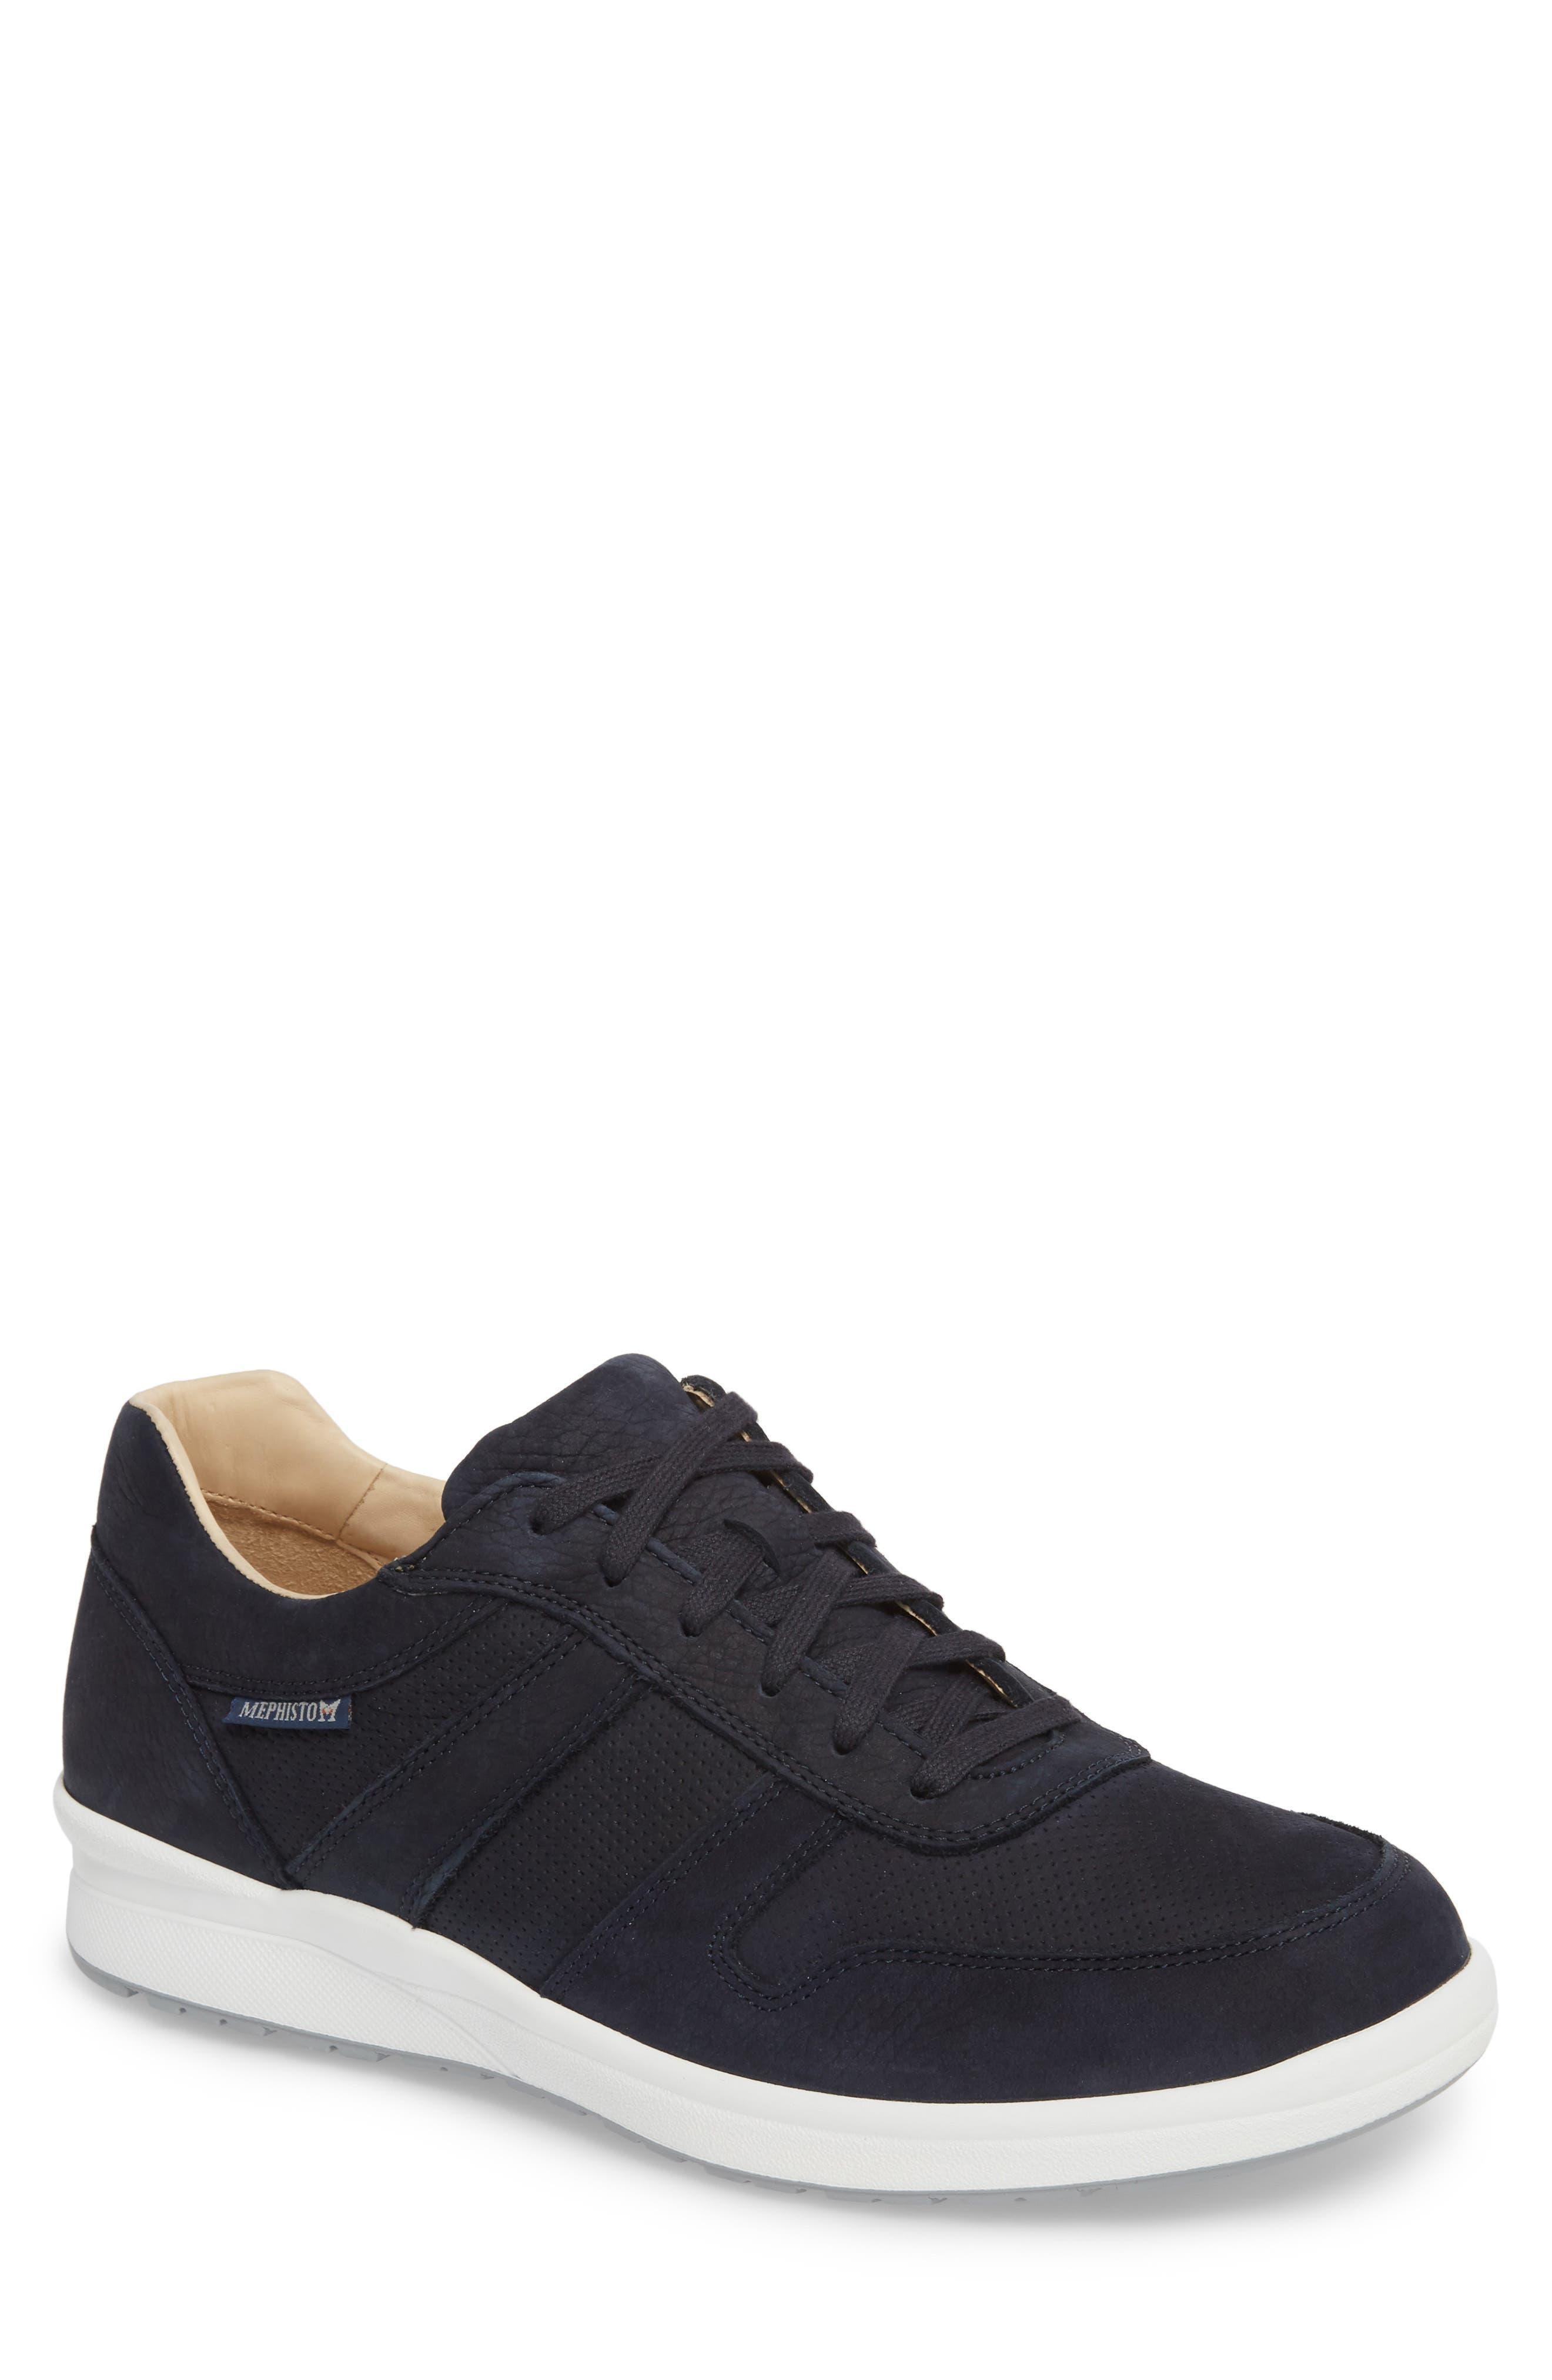 Vito Perforated Sneaker,                             Main thumbnail 1, color,                             NAVY